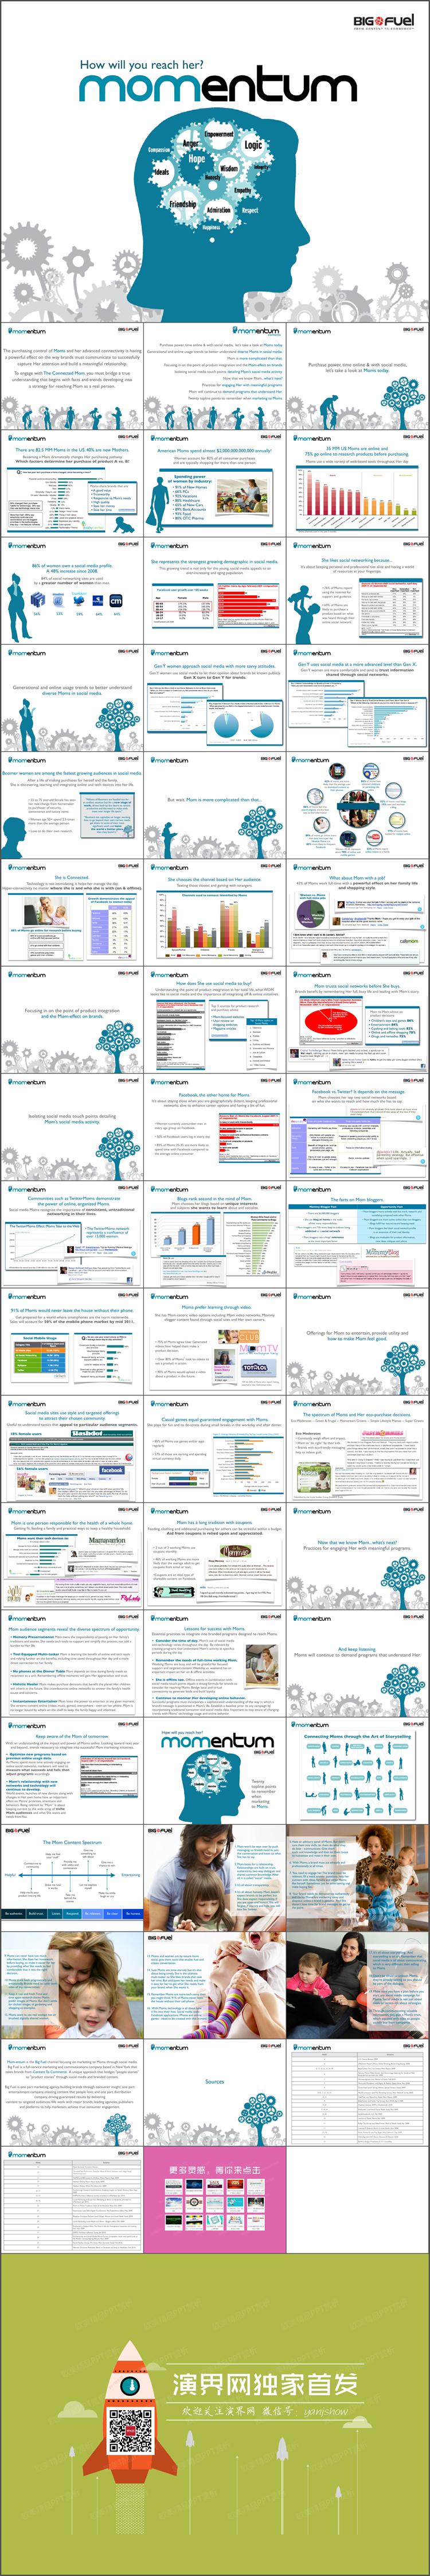 欧美商务,简约设计, 简约ppt,商务策划,商务展示,绿色,灰色,灰白